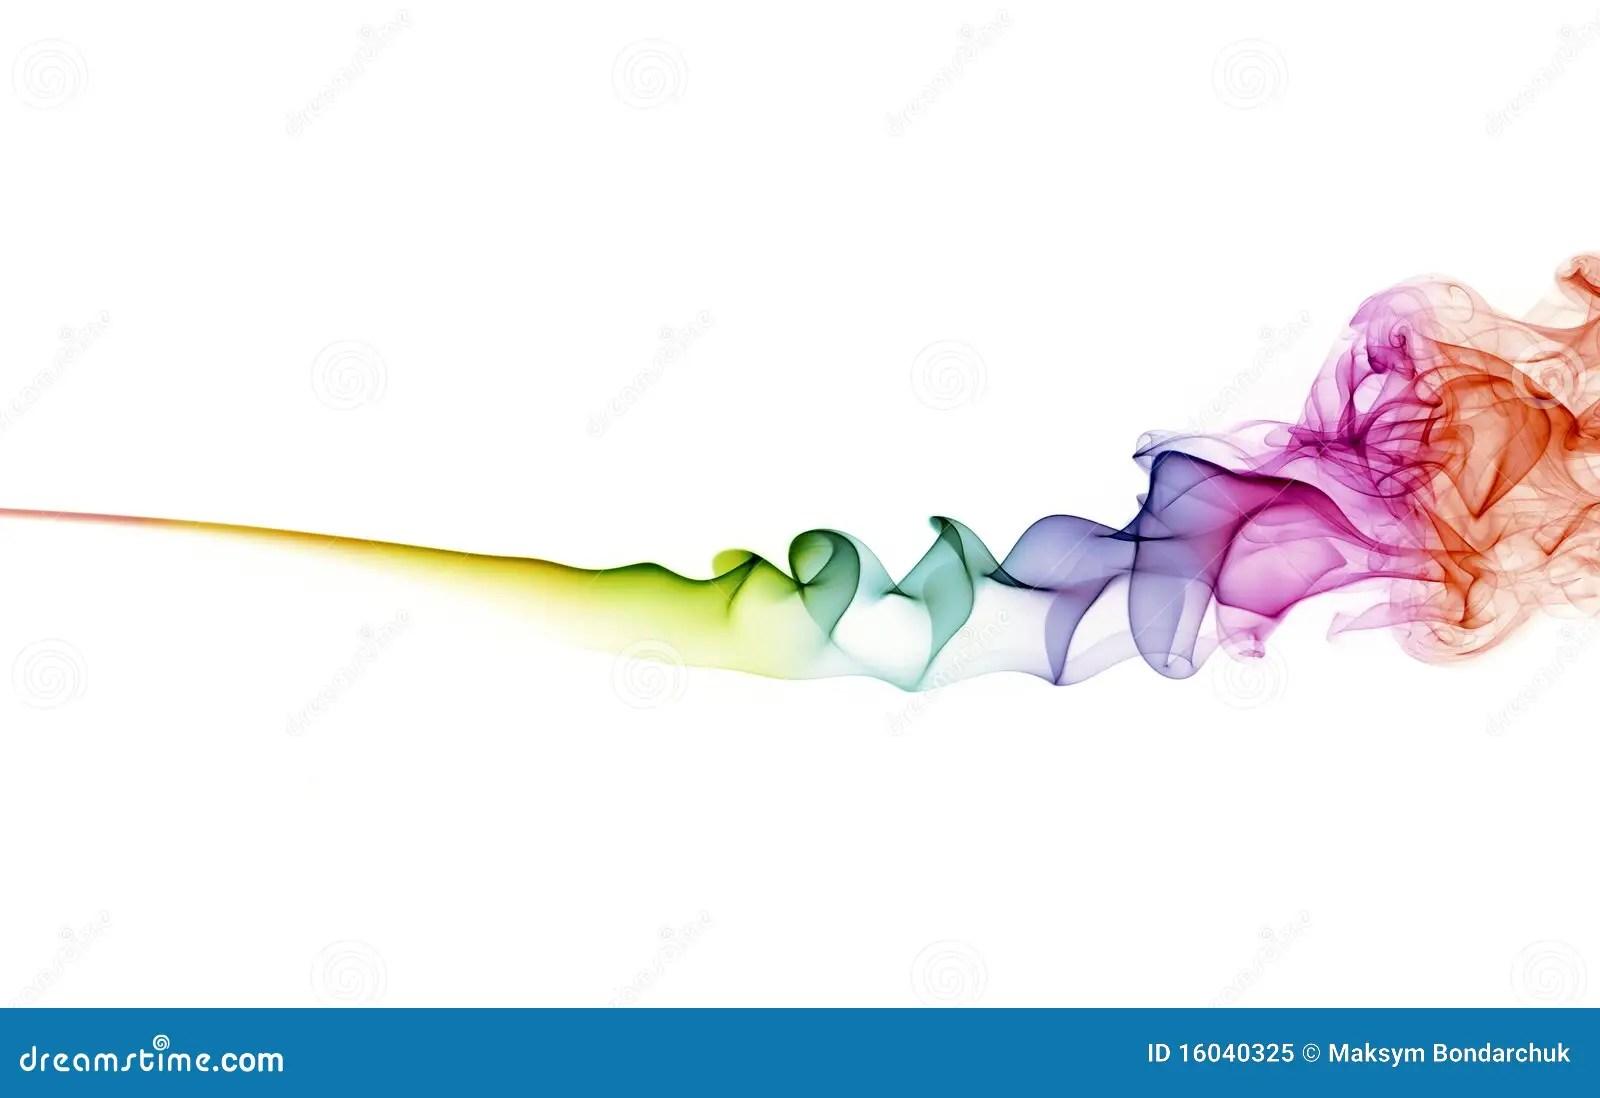 Fumee Abstraite De Couleur Sur Le Fond Blanc Image Stock